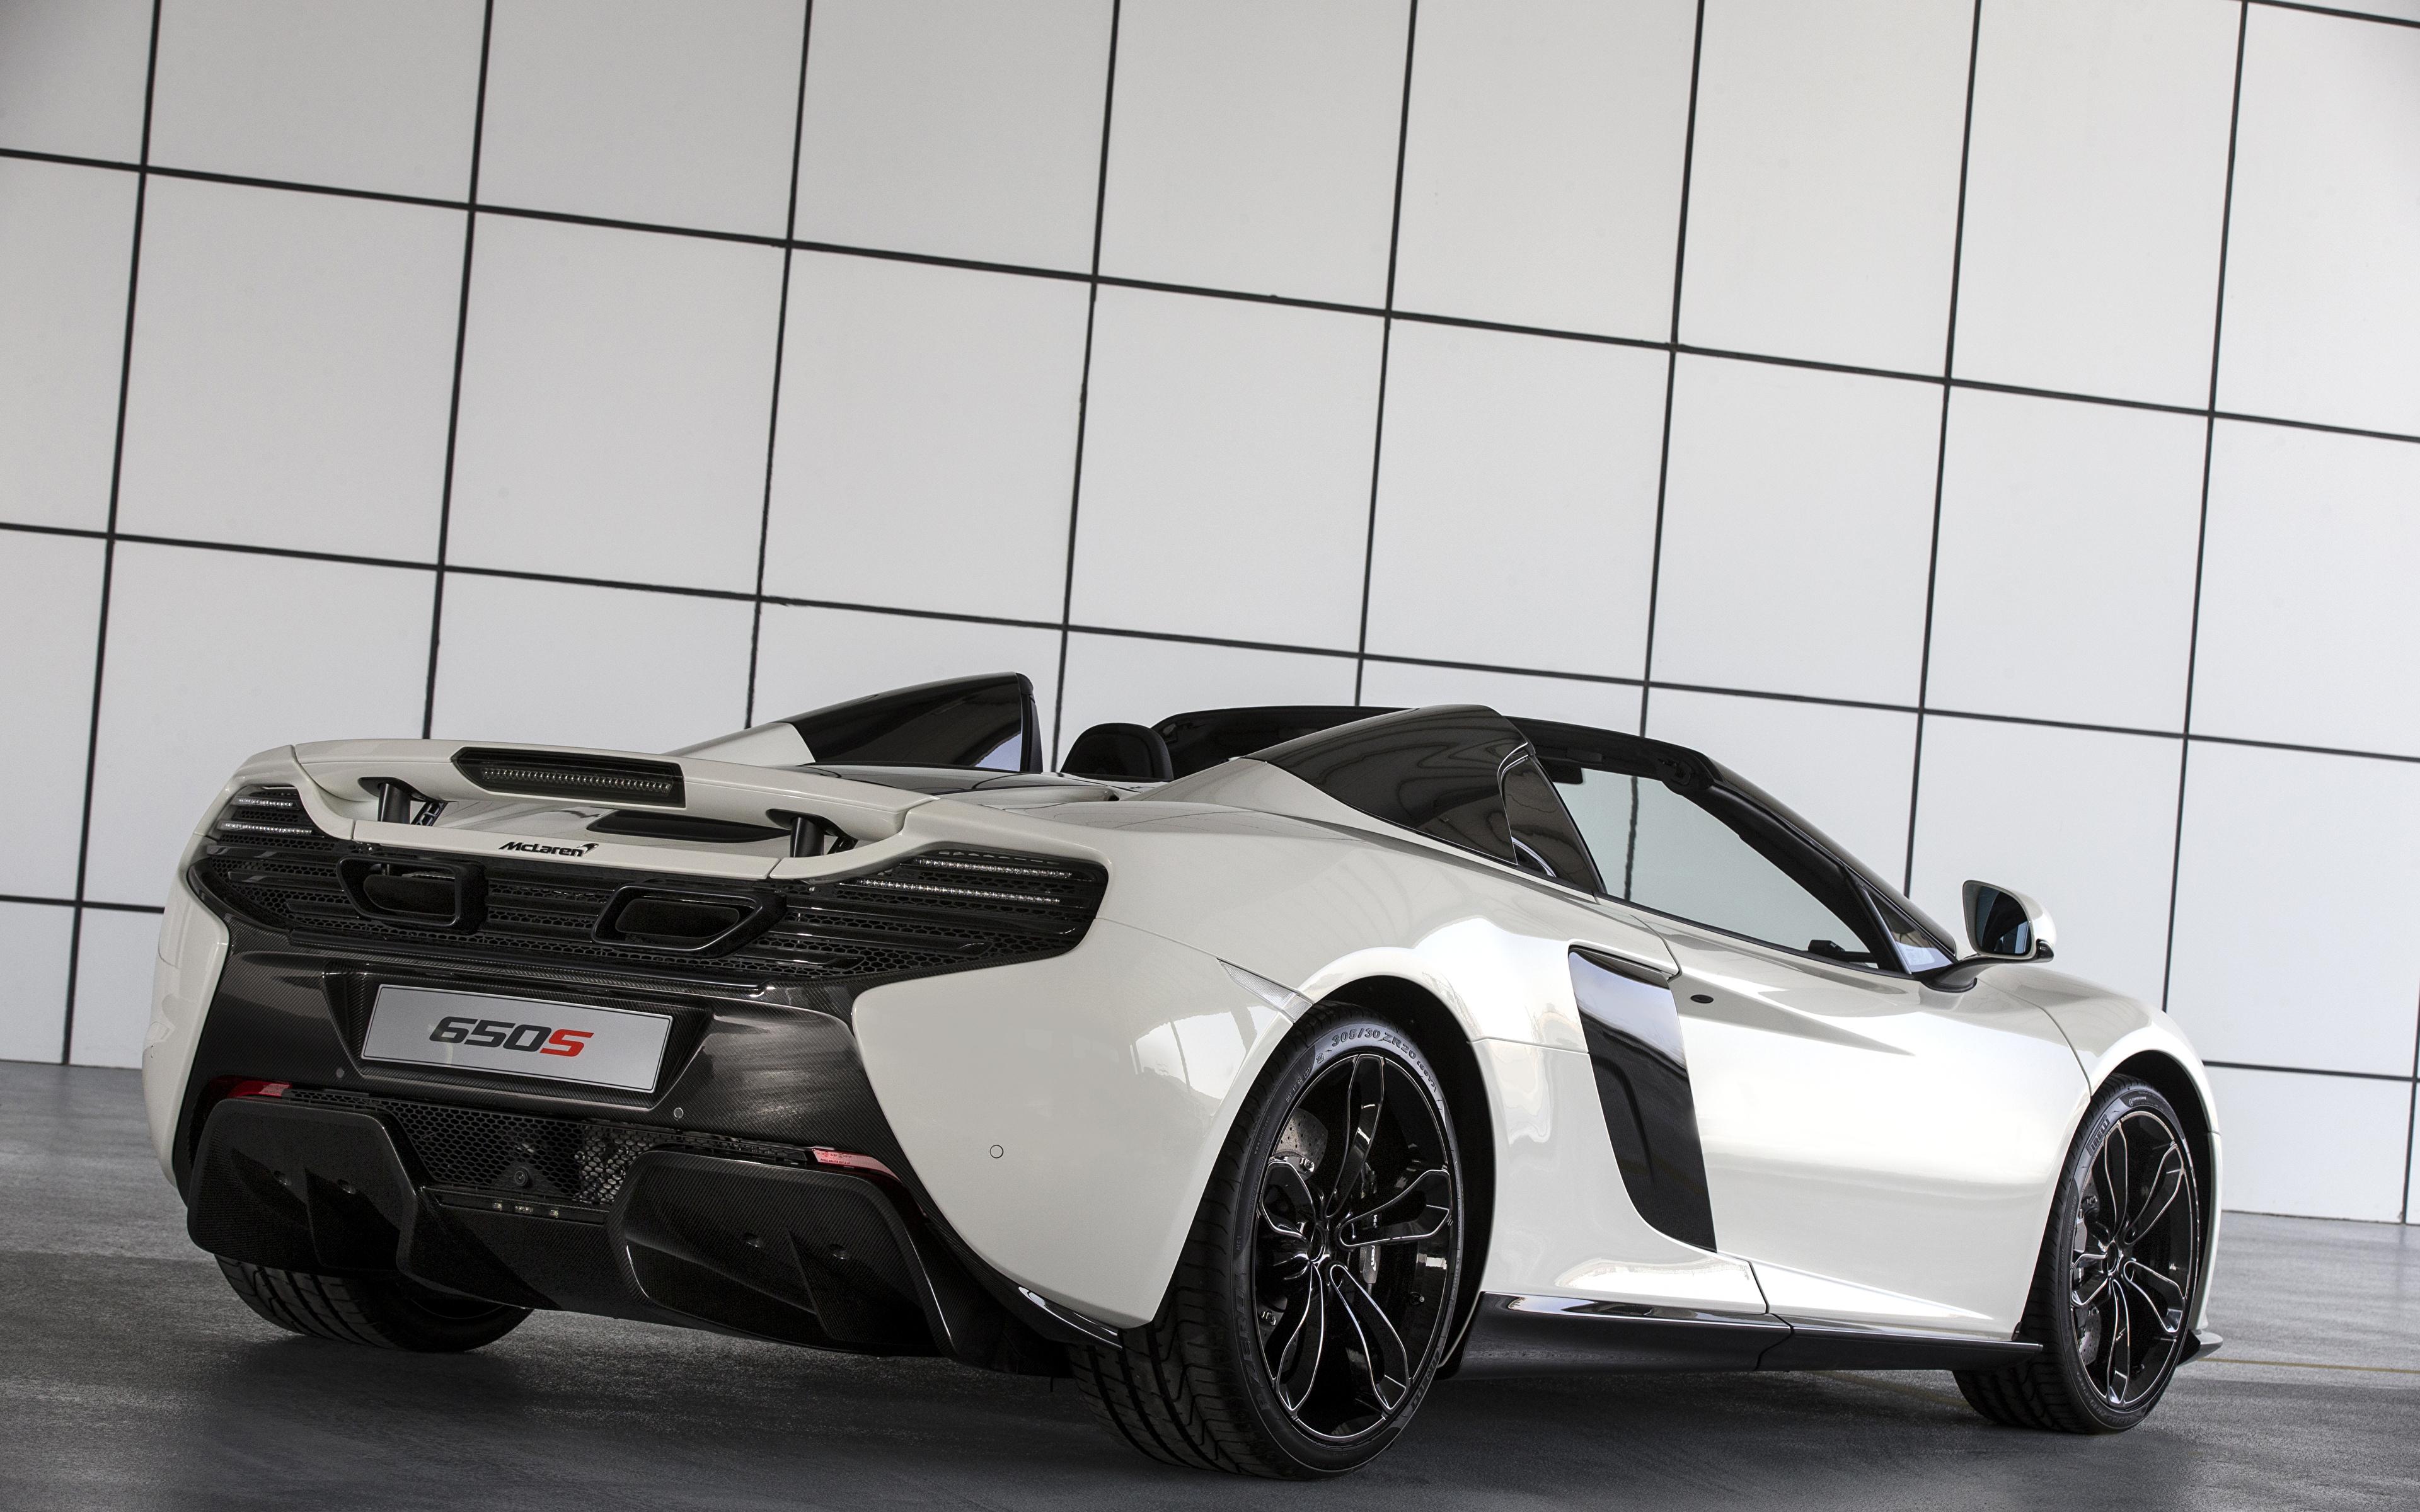 3840x2400 McLaren Tuning 2015 650S Spider Al Sahara 79 by MSO Blanco Metálico Vista Trasera autos, automóvil, automóviles, el carro, Tuneo Coches